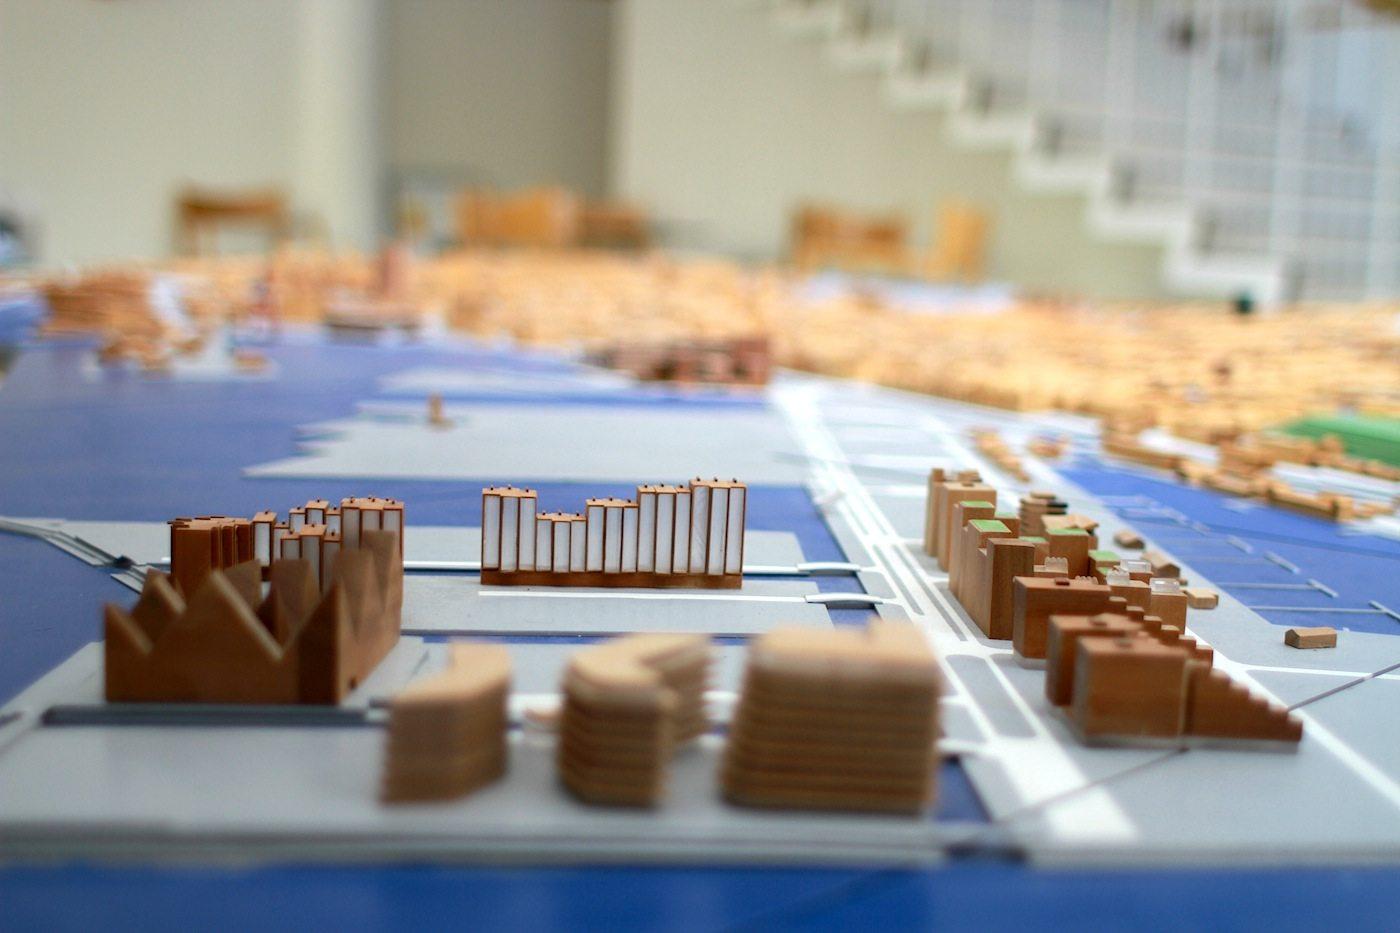 Maßstab. Das Stadtmodell von Aarhus in der Nähe des Trakts des Stadtarchitekten. Im Vordergrund: Aarhus Ø mit dem Eisberg und den Lighthouse-Gebäuden von 3XN.